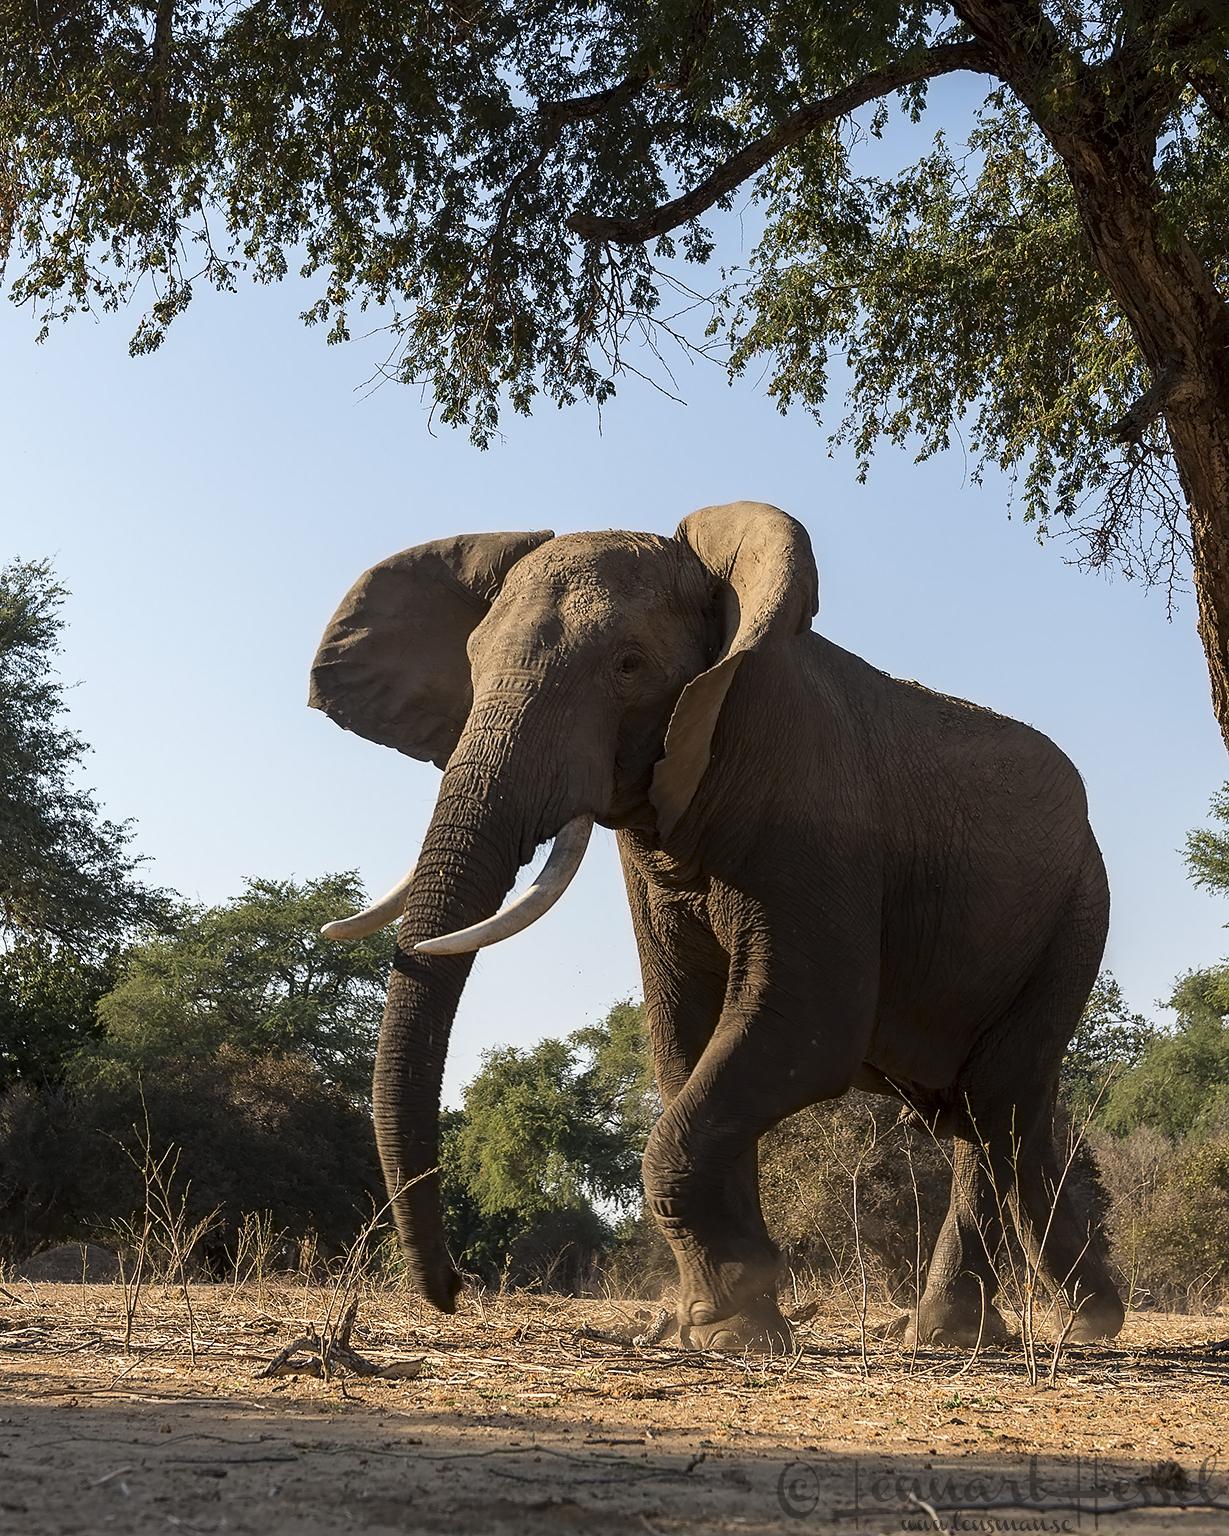 Elephant mock charge giants Mana Pools National Park, Zimbabwe